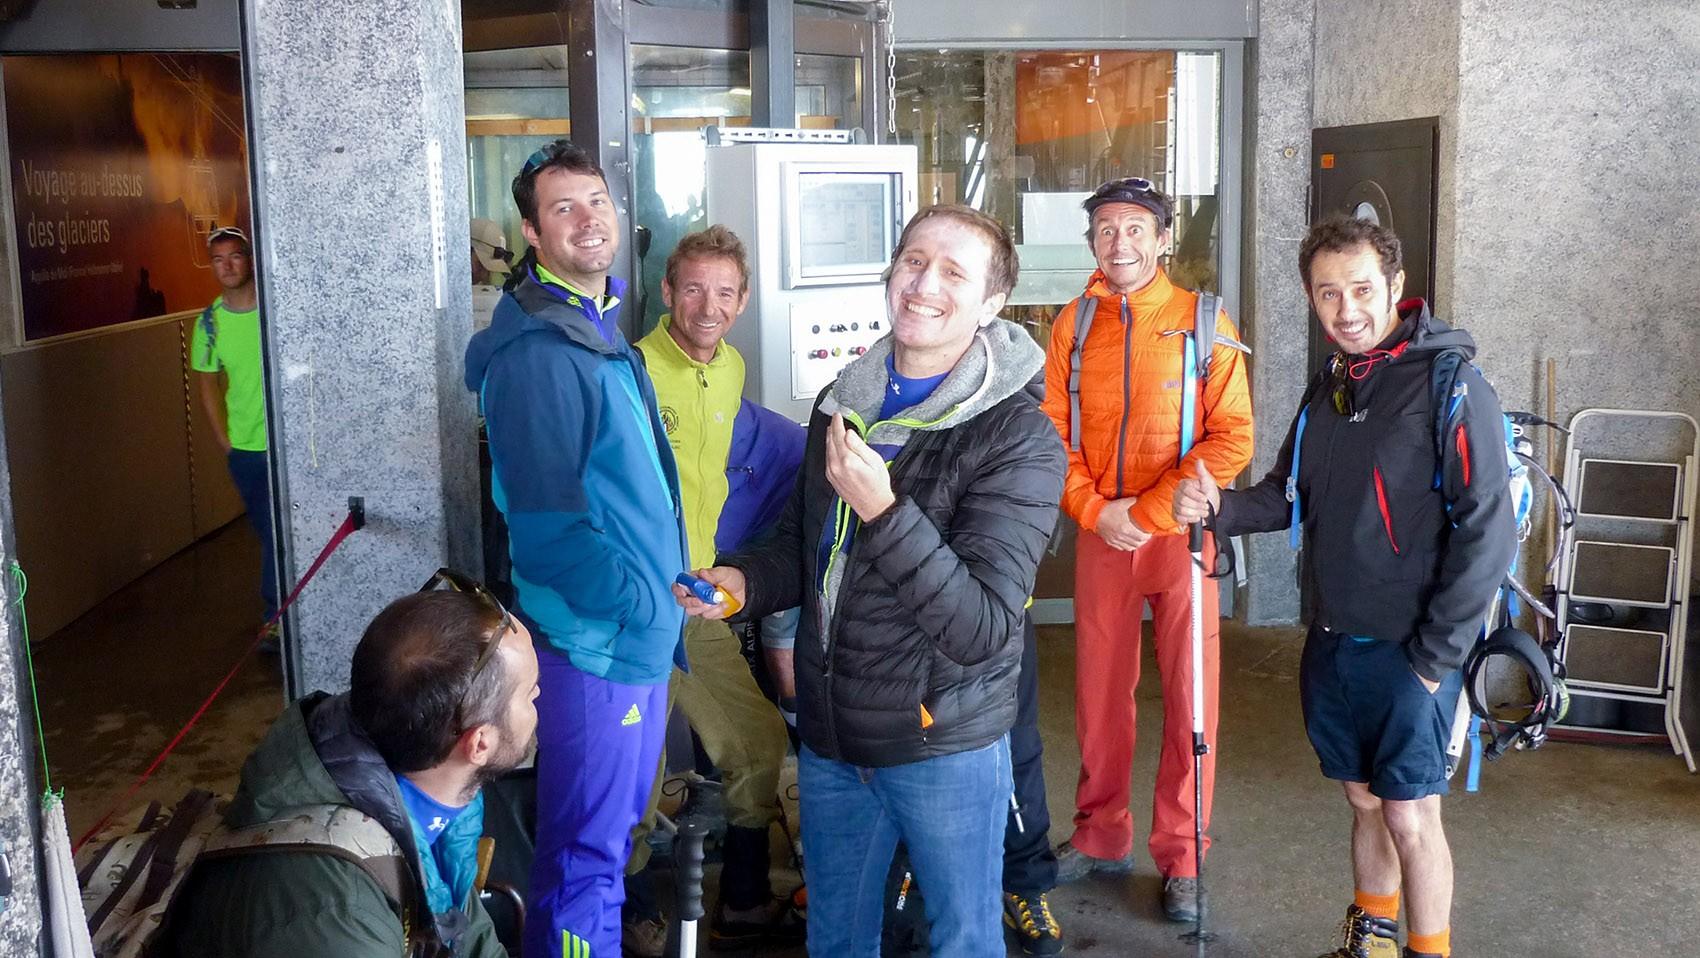 L'équipe Glisshop-Volkl-Marker-Dalbello